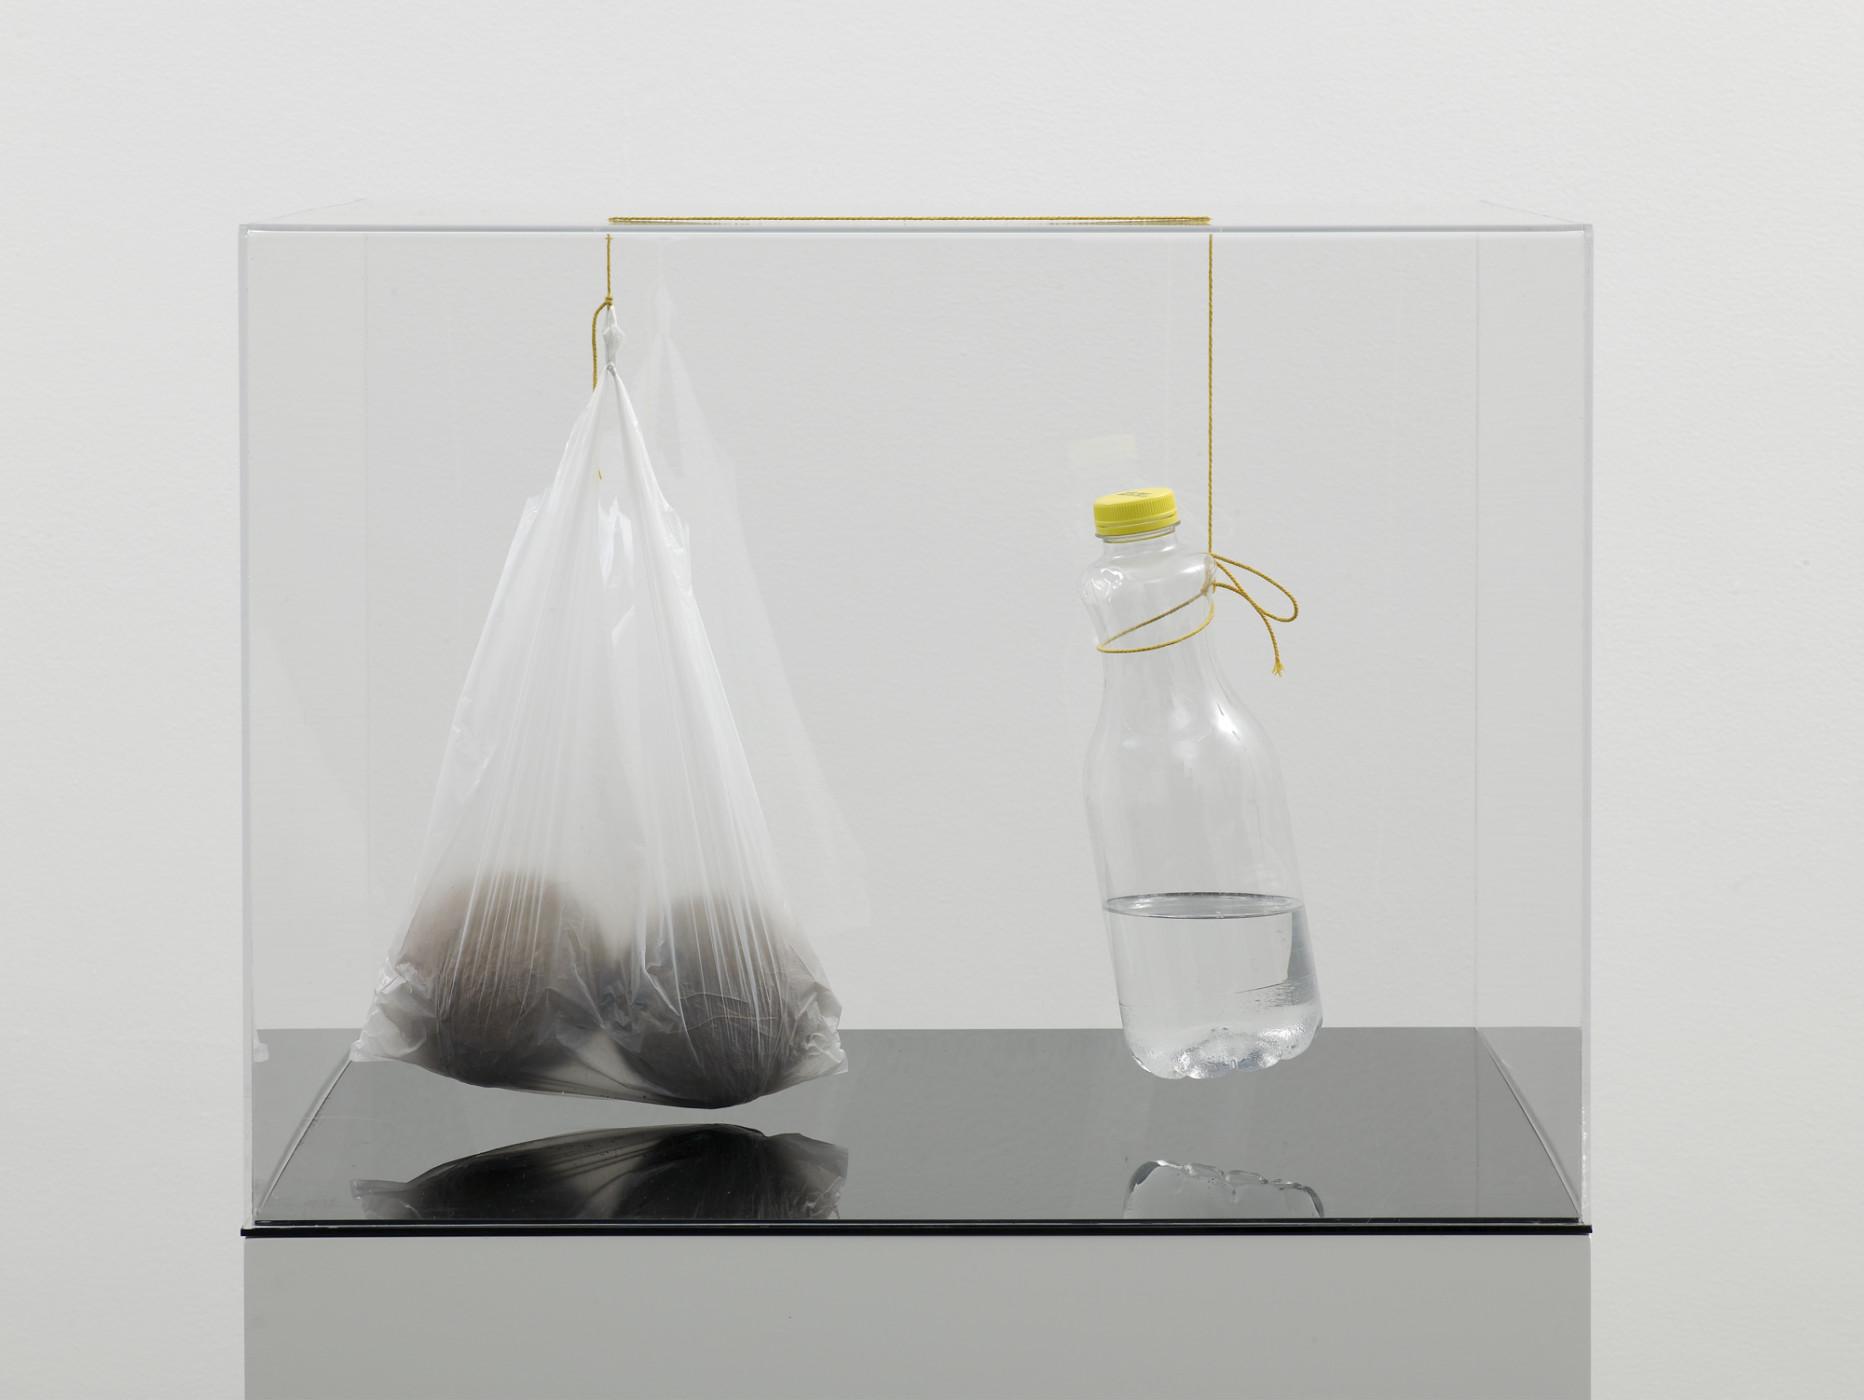 """<div class=""""title""""><em>SELF PORTRAIT AS A RETENTION AND FLOW DIAGRAM 3</em>, 2009</div><div class=""""medium"""">perspex, string, liquid, plastic bottle, plastic bag, coconuts</div><div class=""""dimensions"""">46.0 x 60.8 x 60.8 cm<br />18 1/8 x 23 7/8 x 23 7/8 in.</div>"""